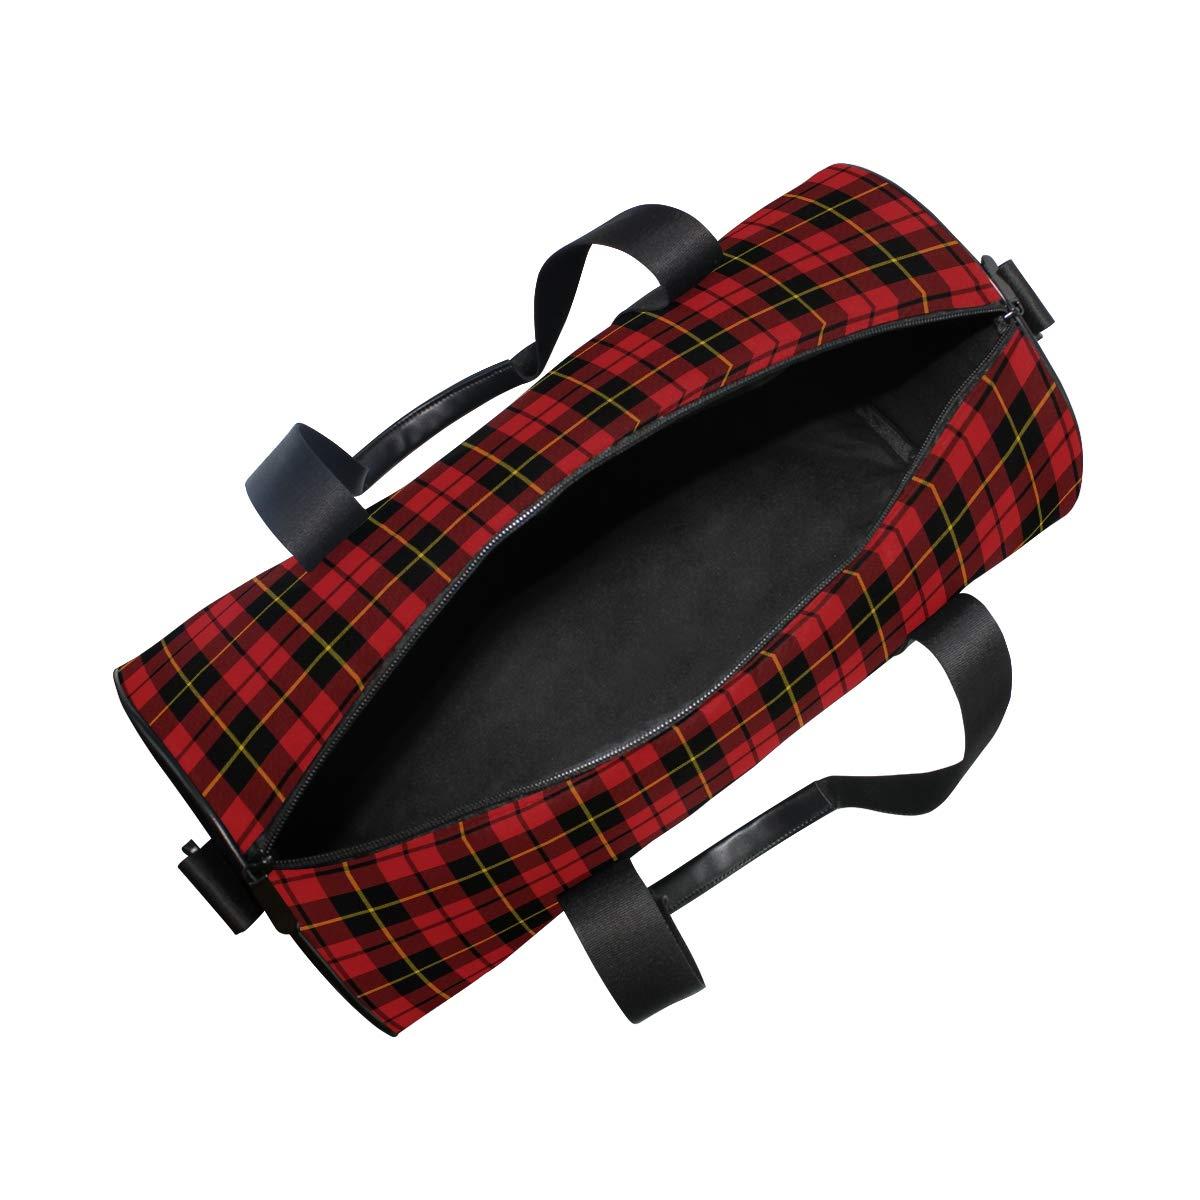 Sports Gym Duffel Barrel Bag Small Plaid Wallac Red Tartan Travel Luggage Handbag for Men Women